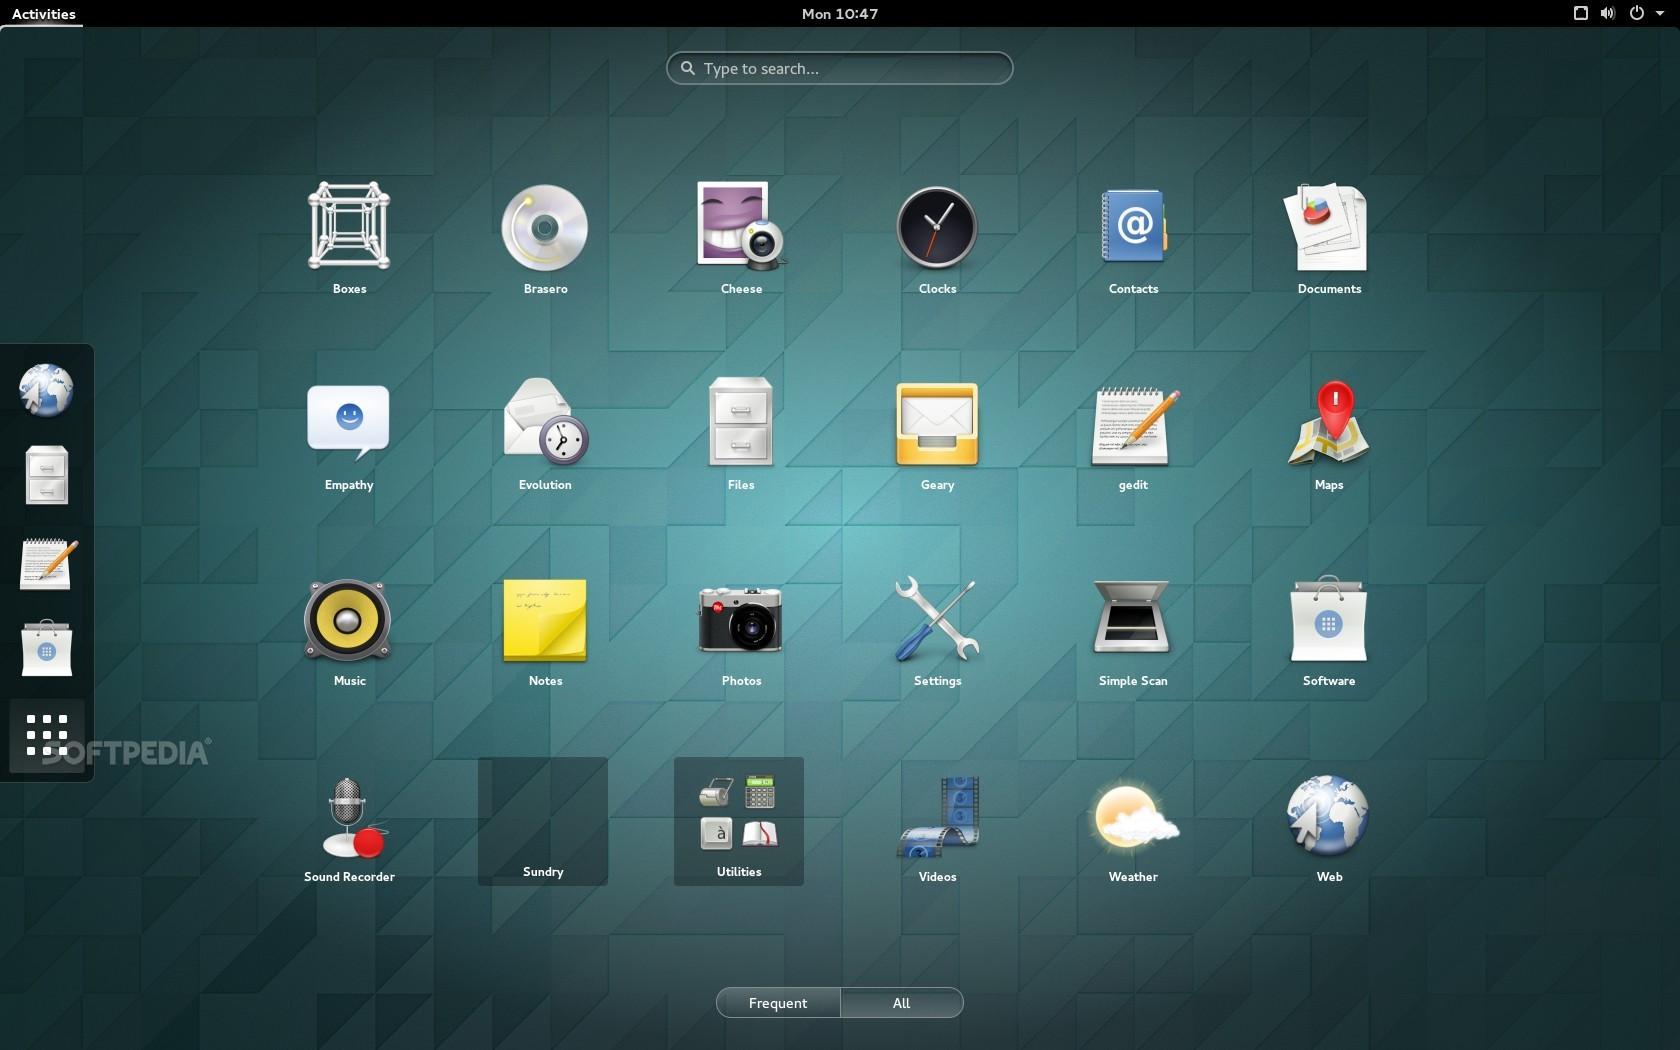 The GNOME 3.14 desktop